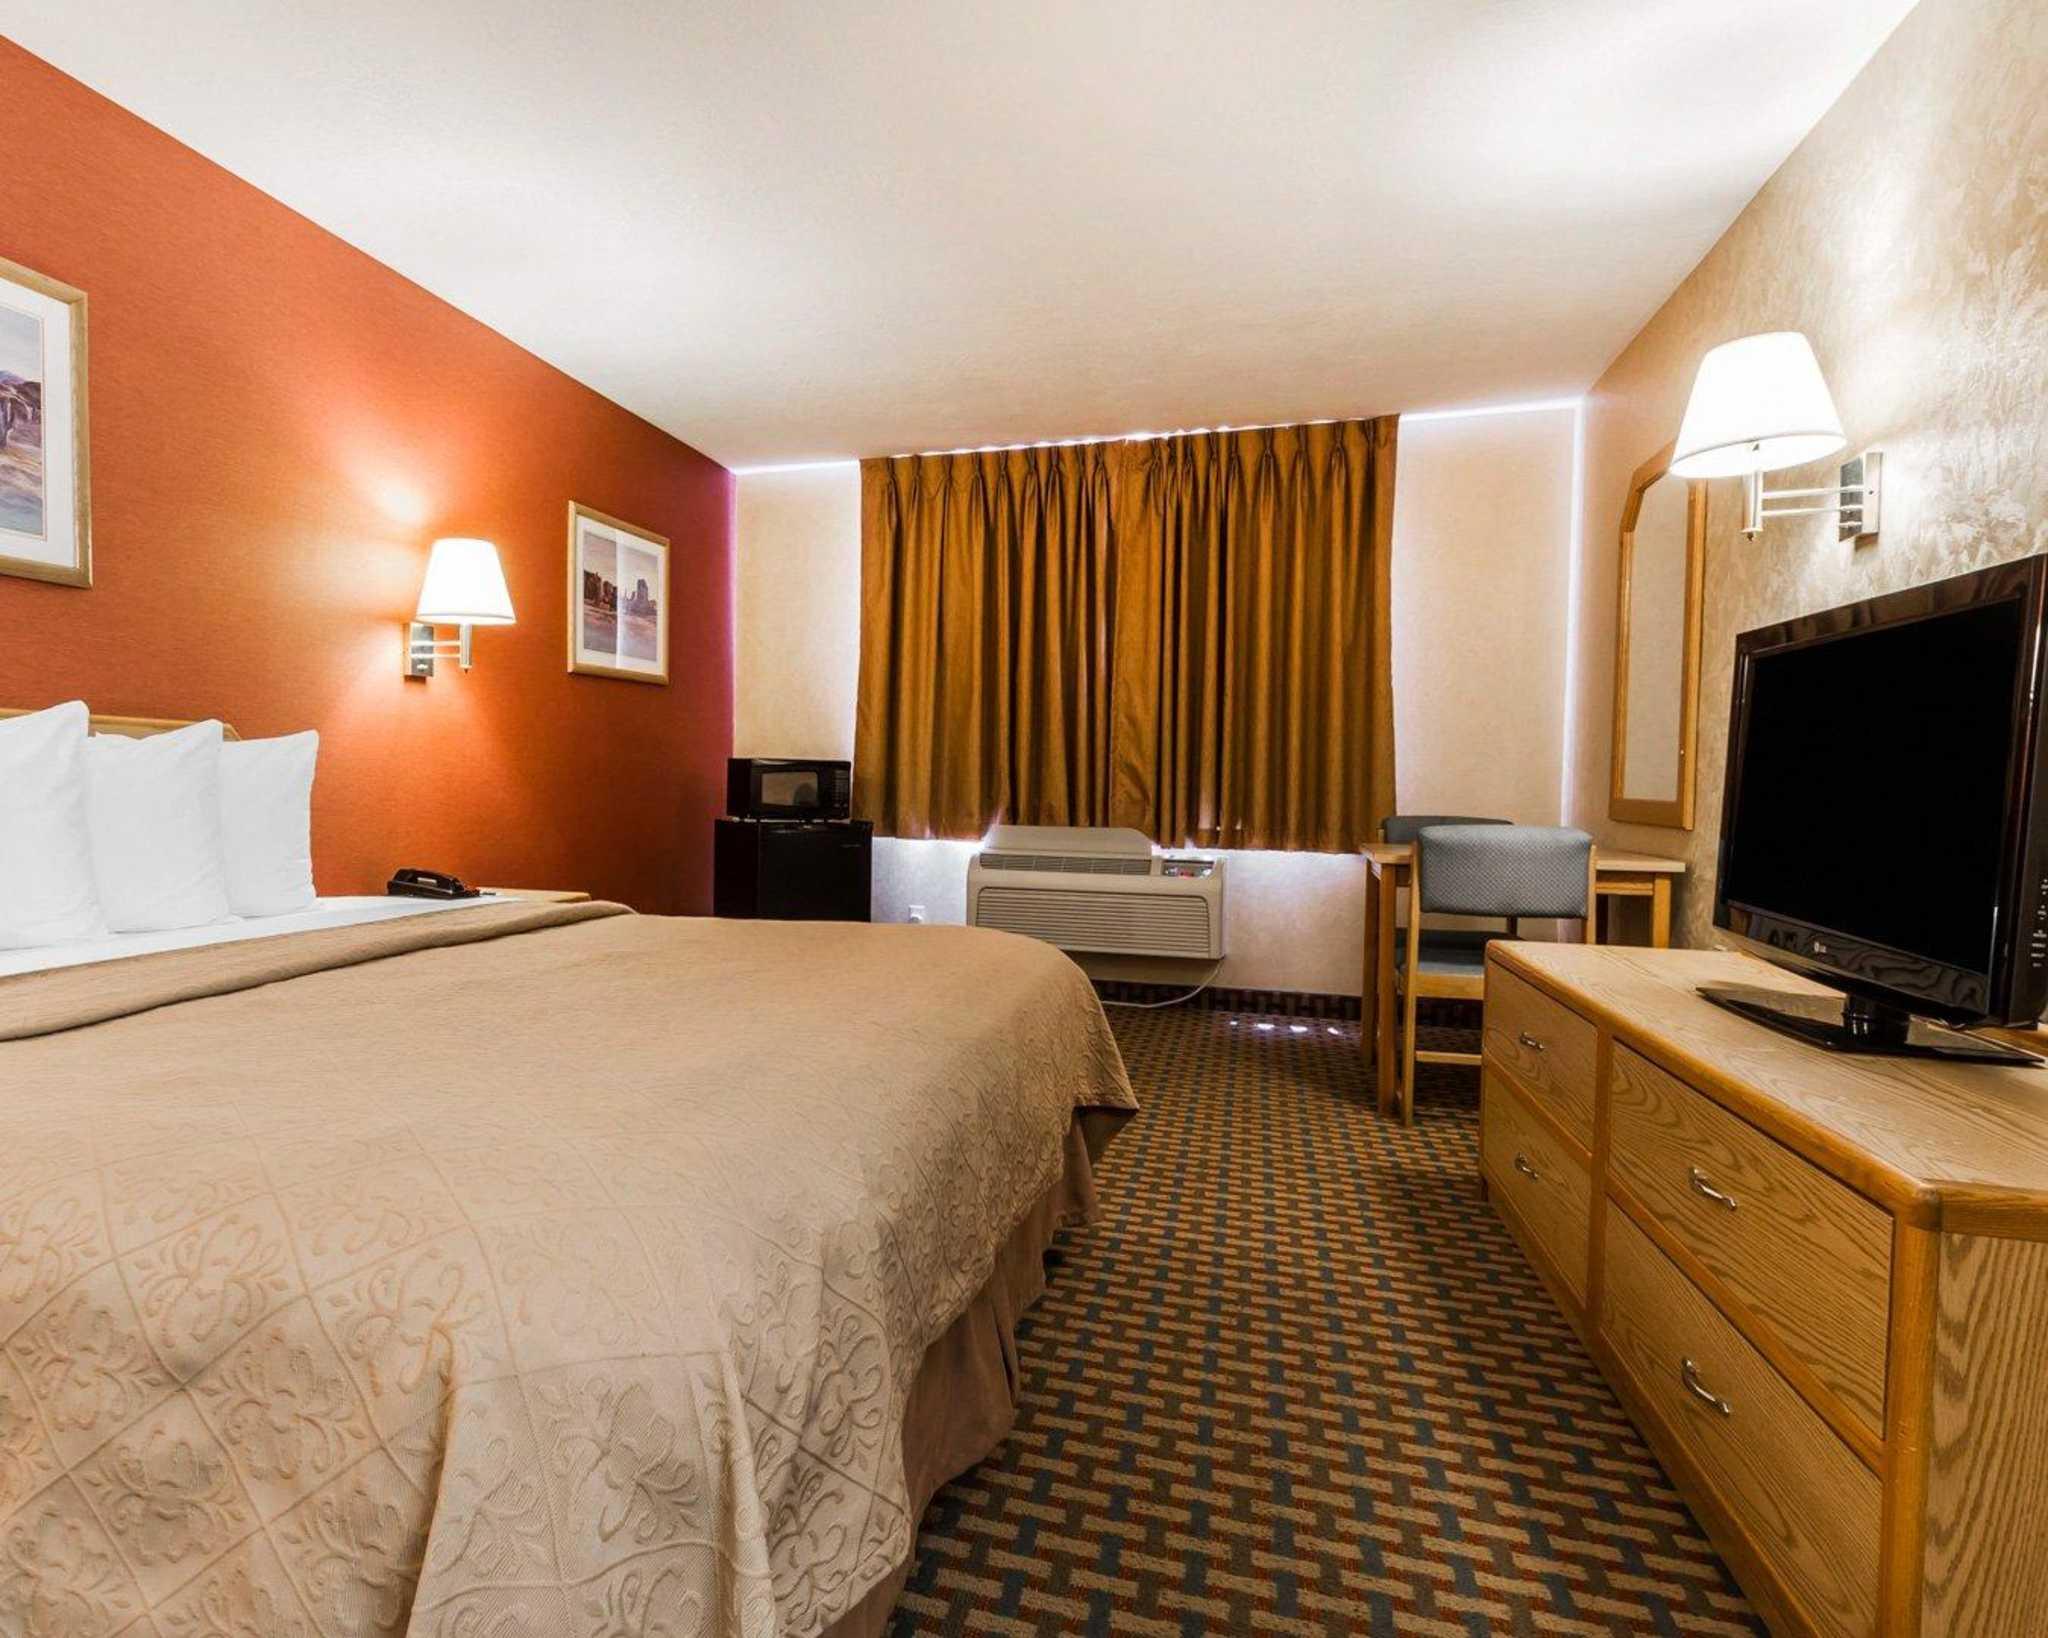 Quality Inn & Suites Surprise Near Sun City West image 14